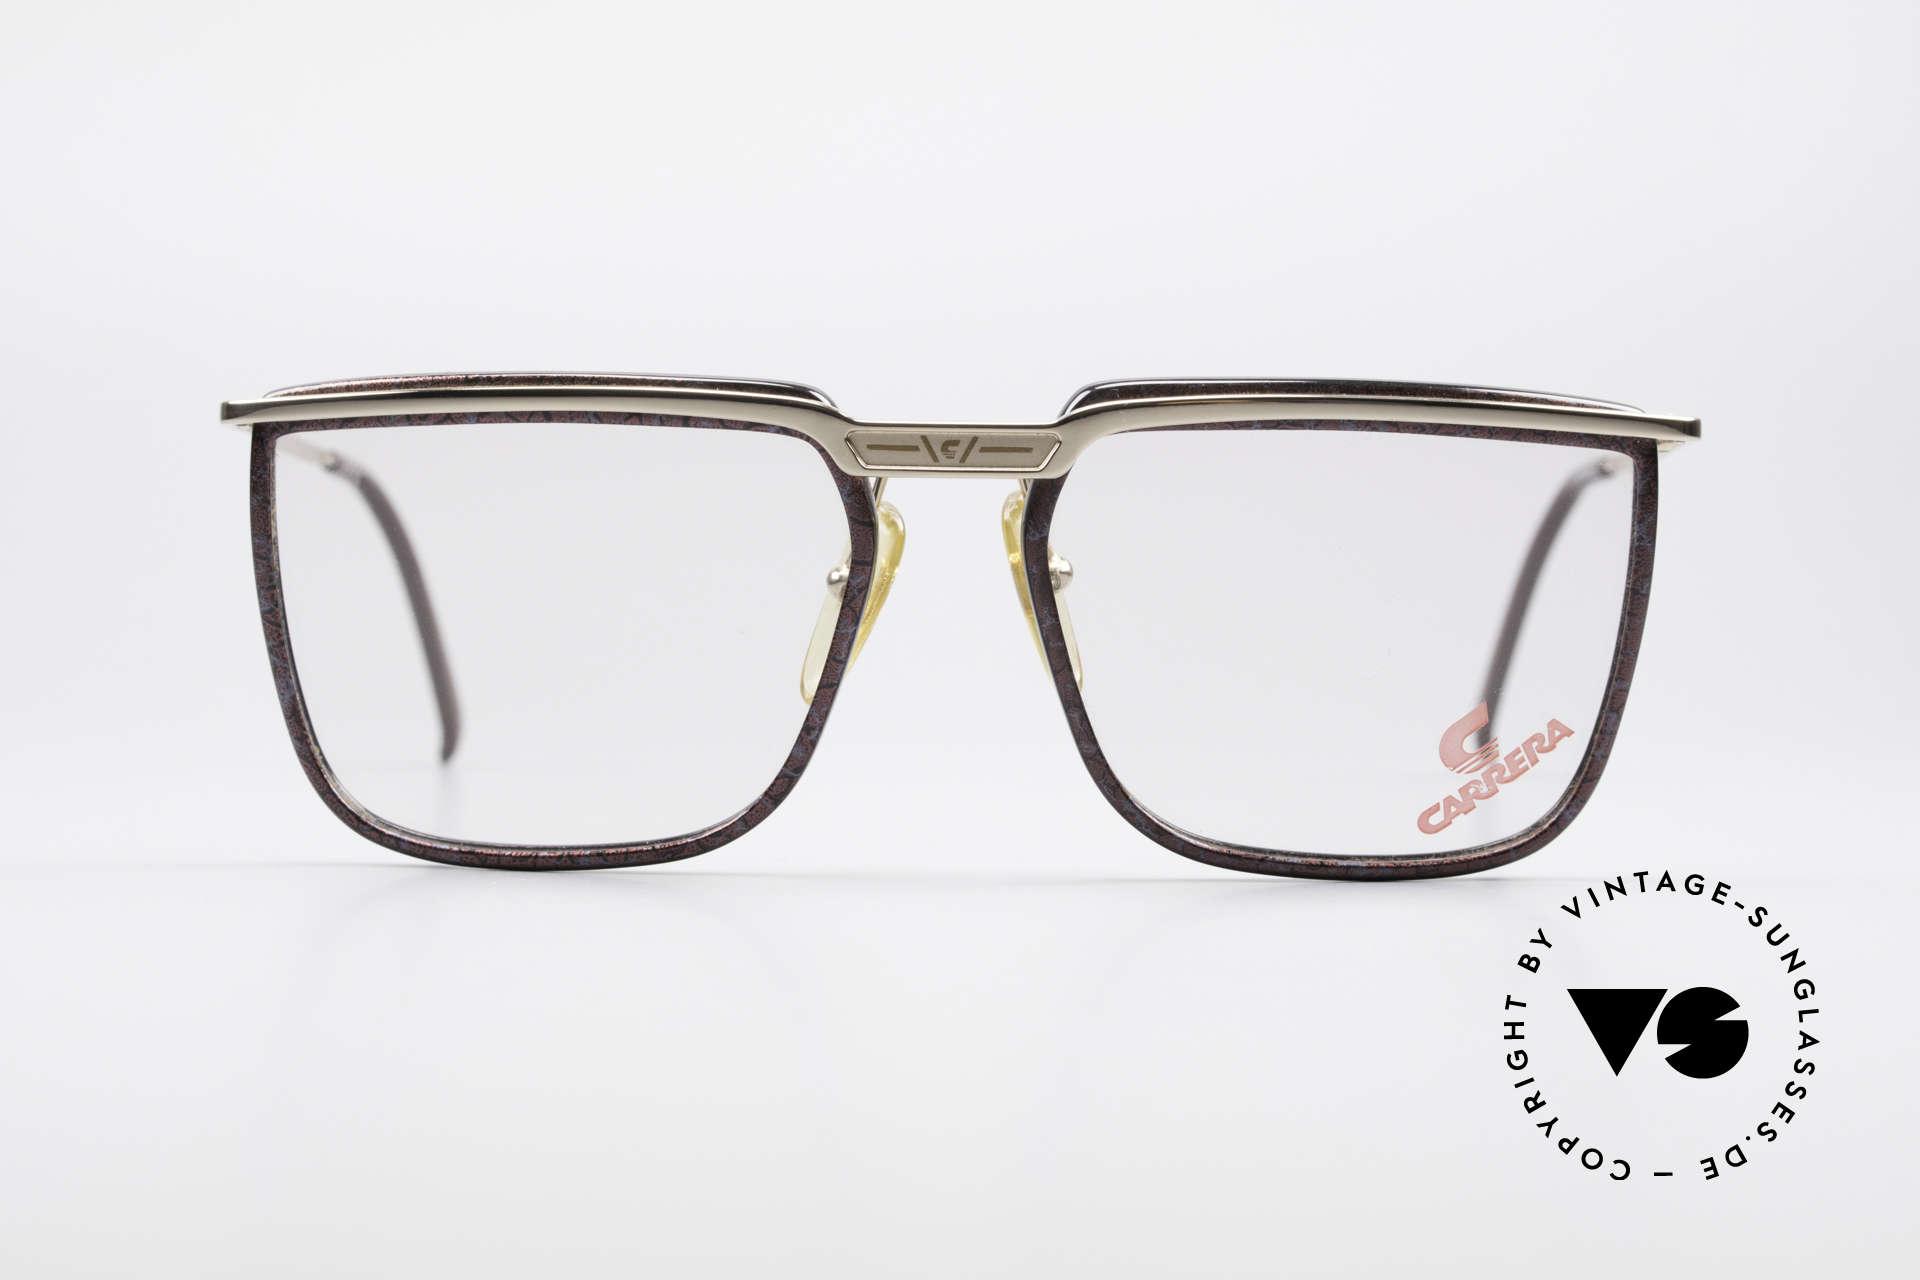 Carrera 5376 Eckige Vintage Brille Carbon, vergoldeter Rahmen mit Glasfassungen aus Karbon, Passend für Herren